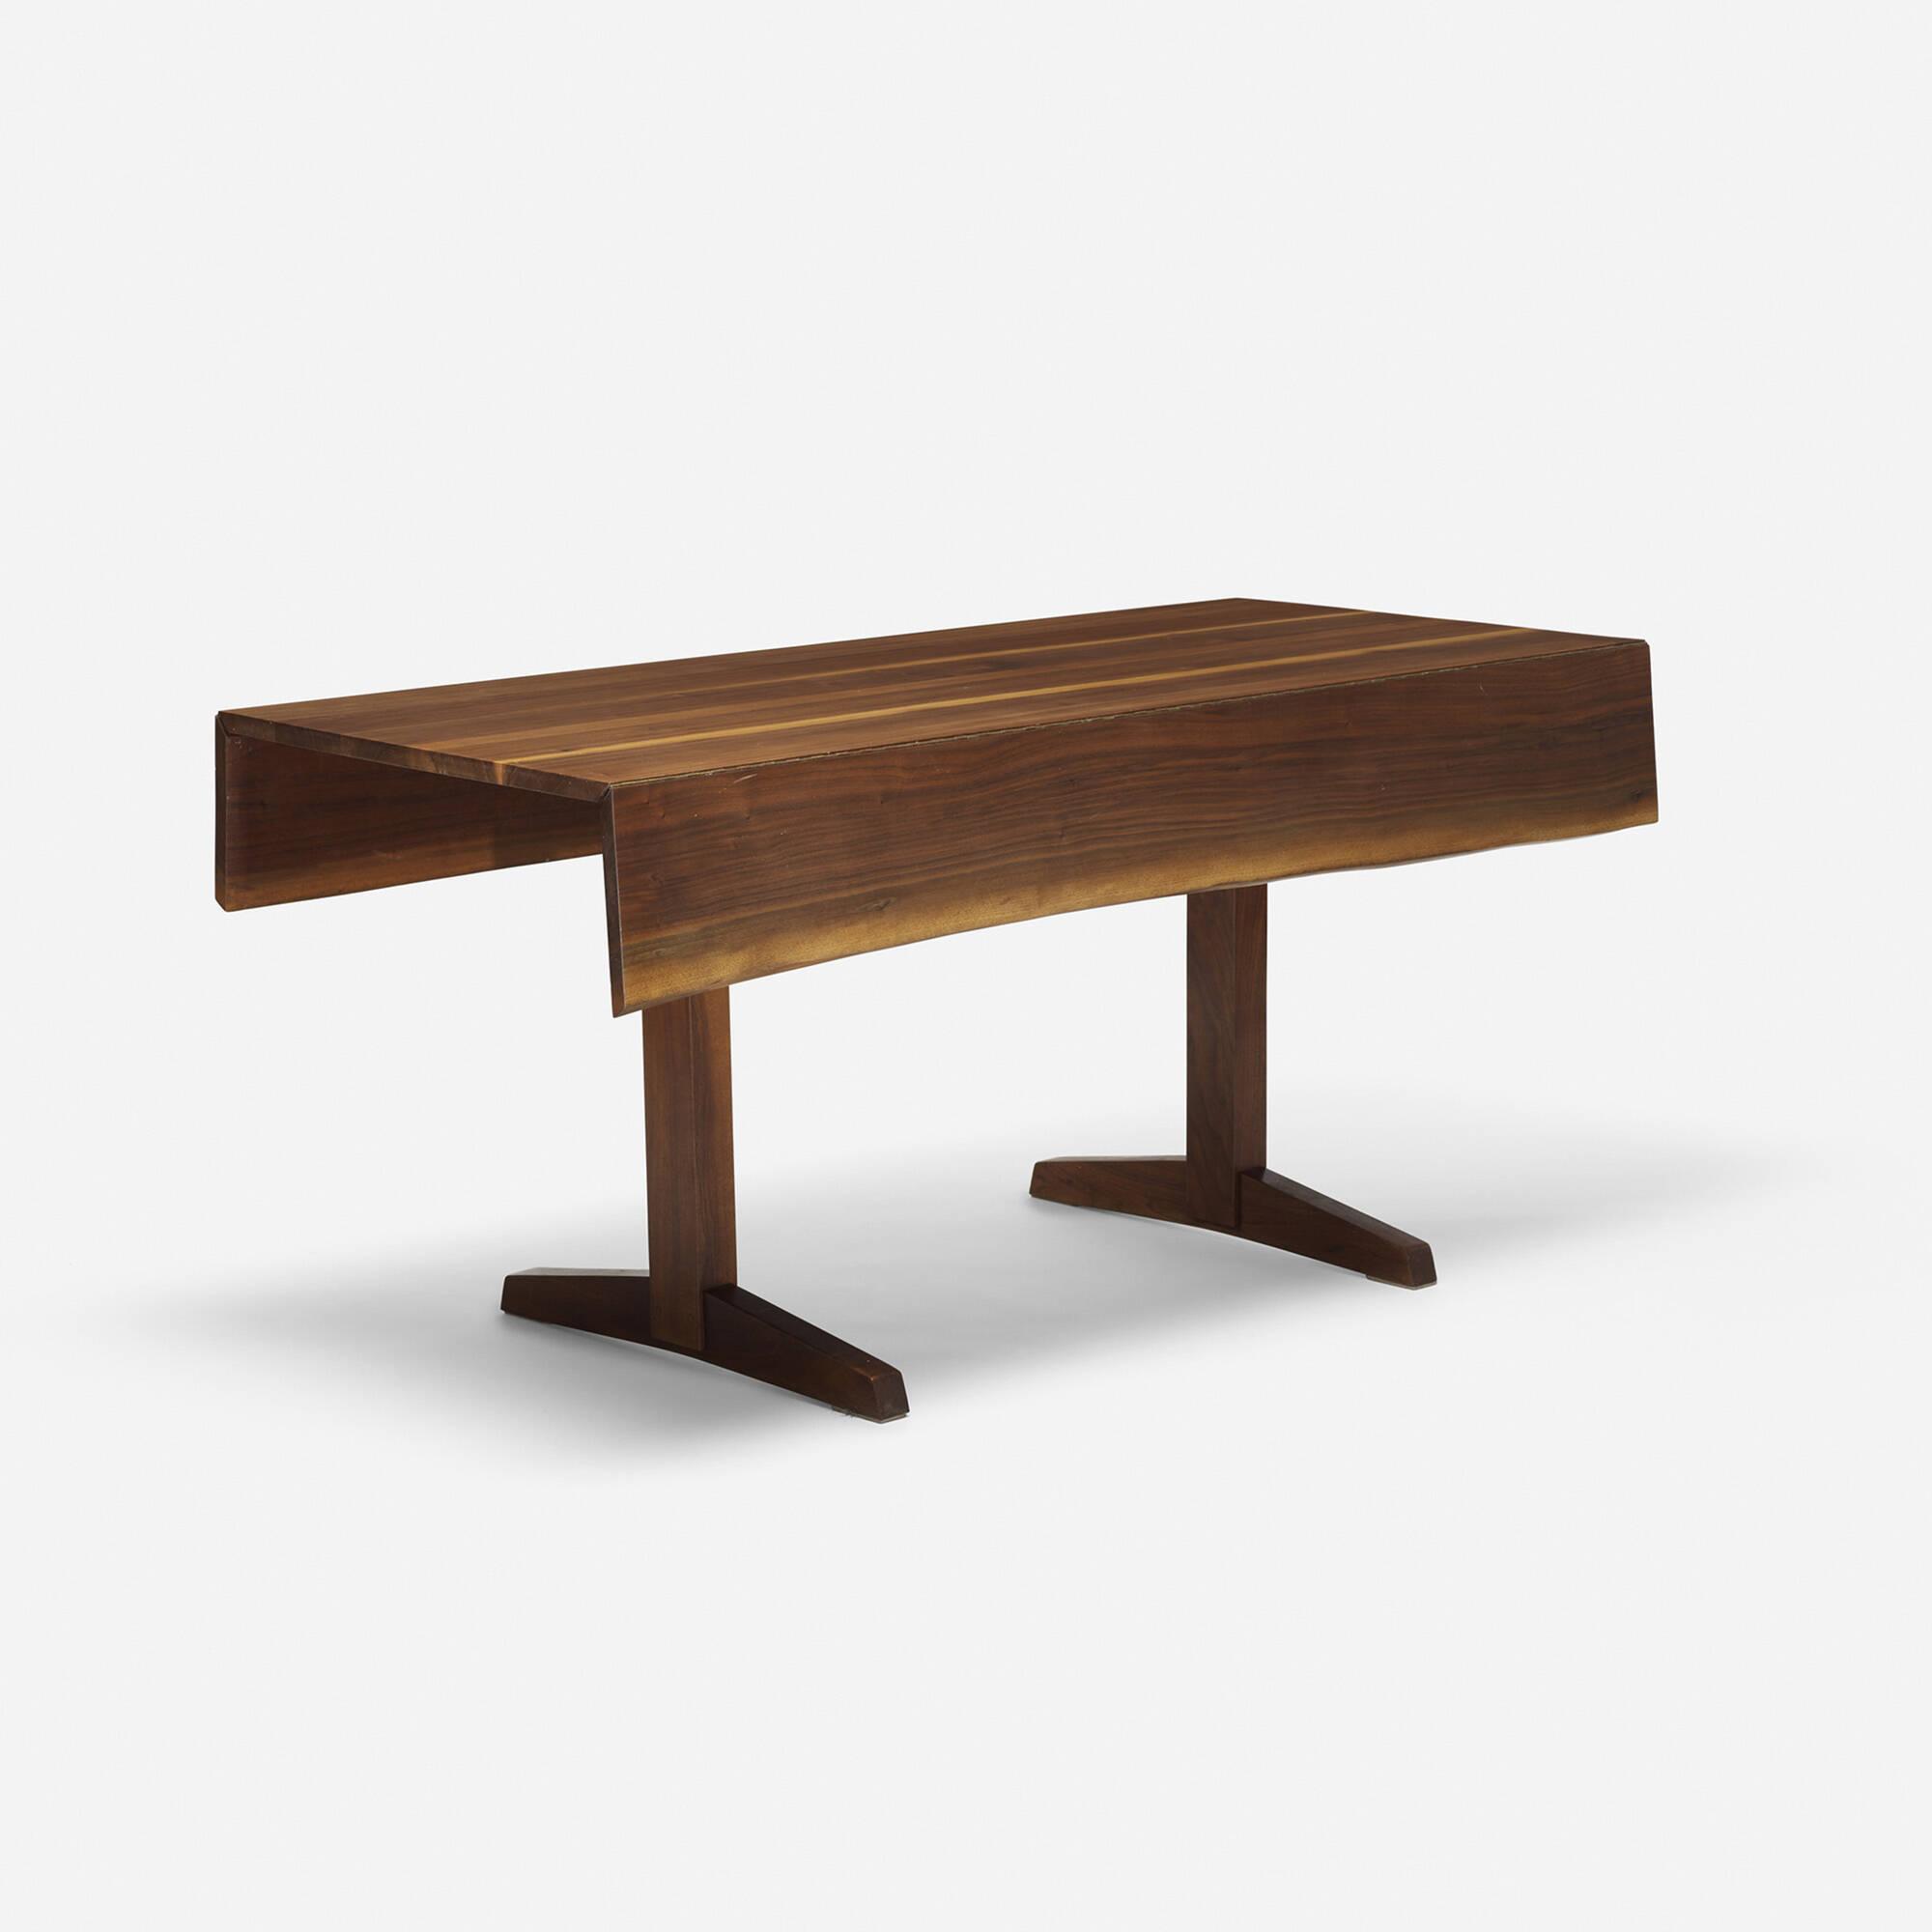 269 george nakashima trestle base drop leaf dining table. Black Bedroom Furniture Sets. Home Design Ideas